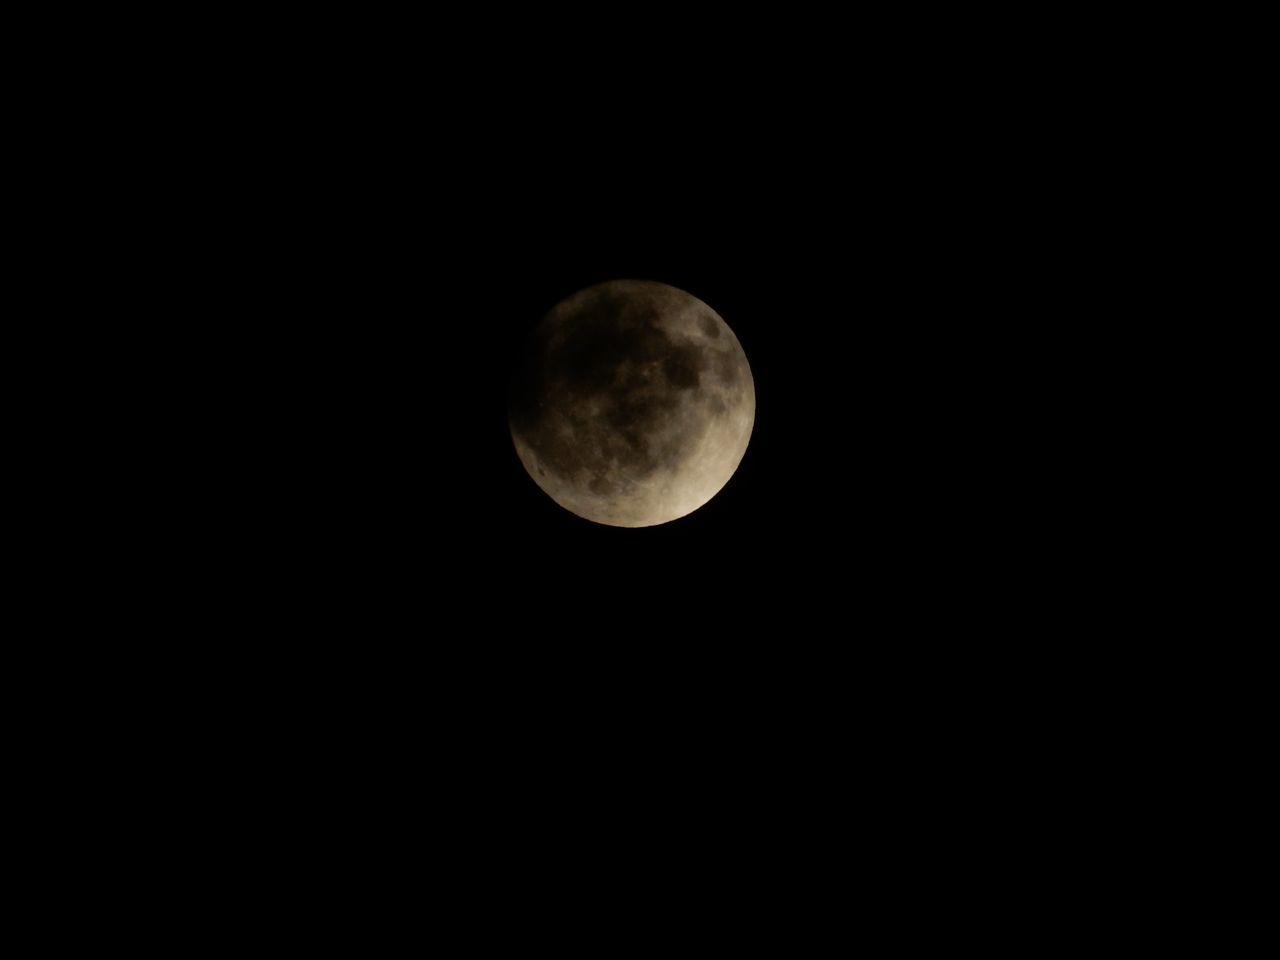 なんとか満月が見えました_c0025115_20435275.jpg